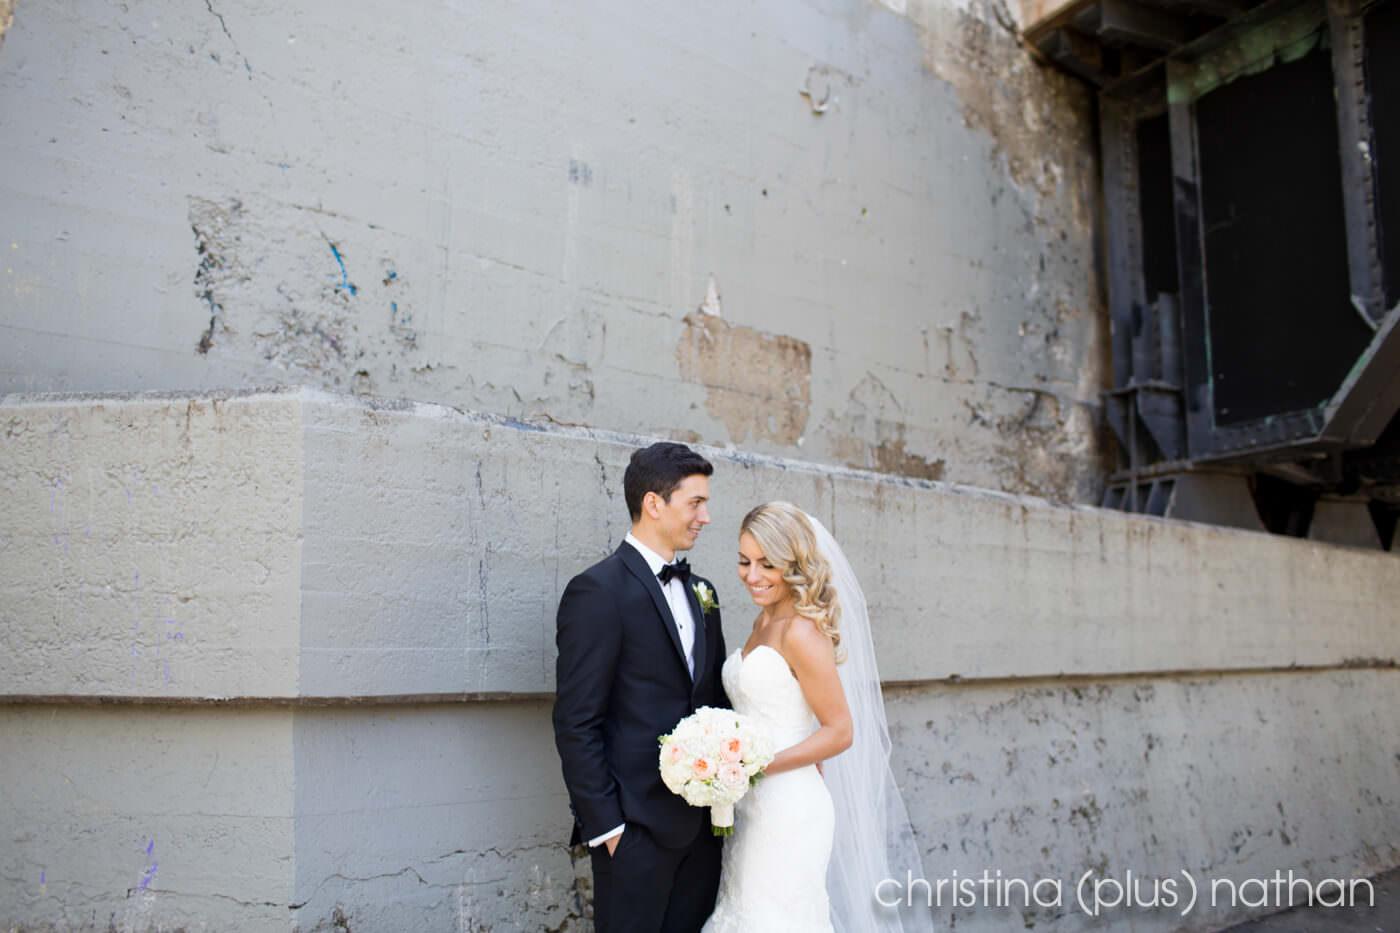 Calgary wedding portraits - Christina (plus) Nathan